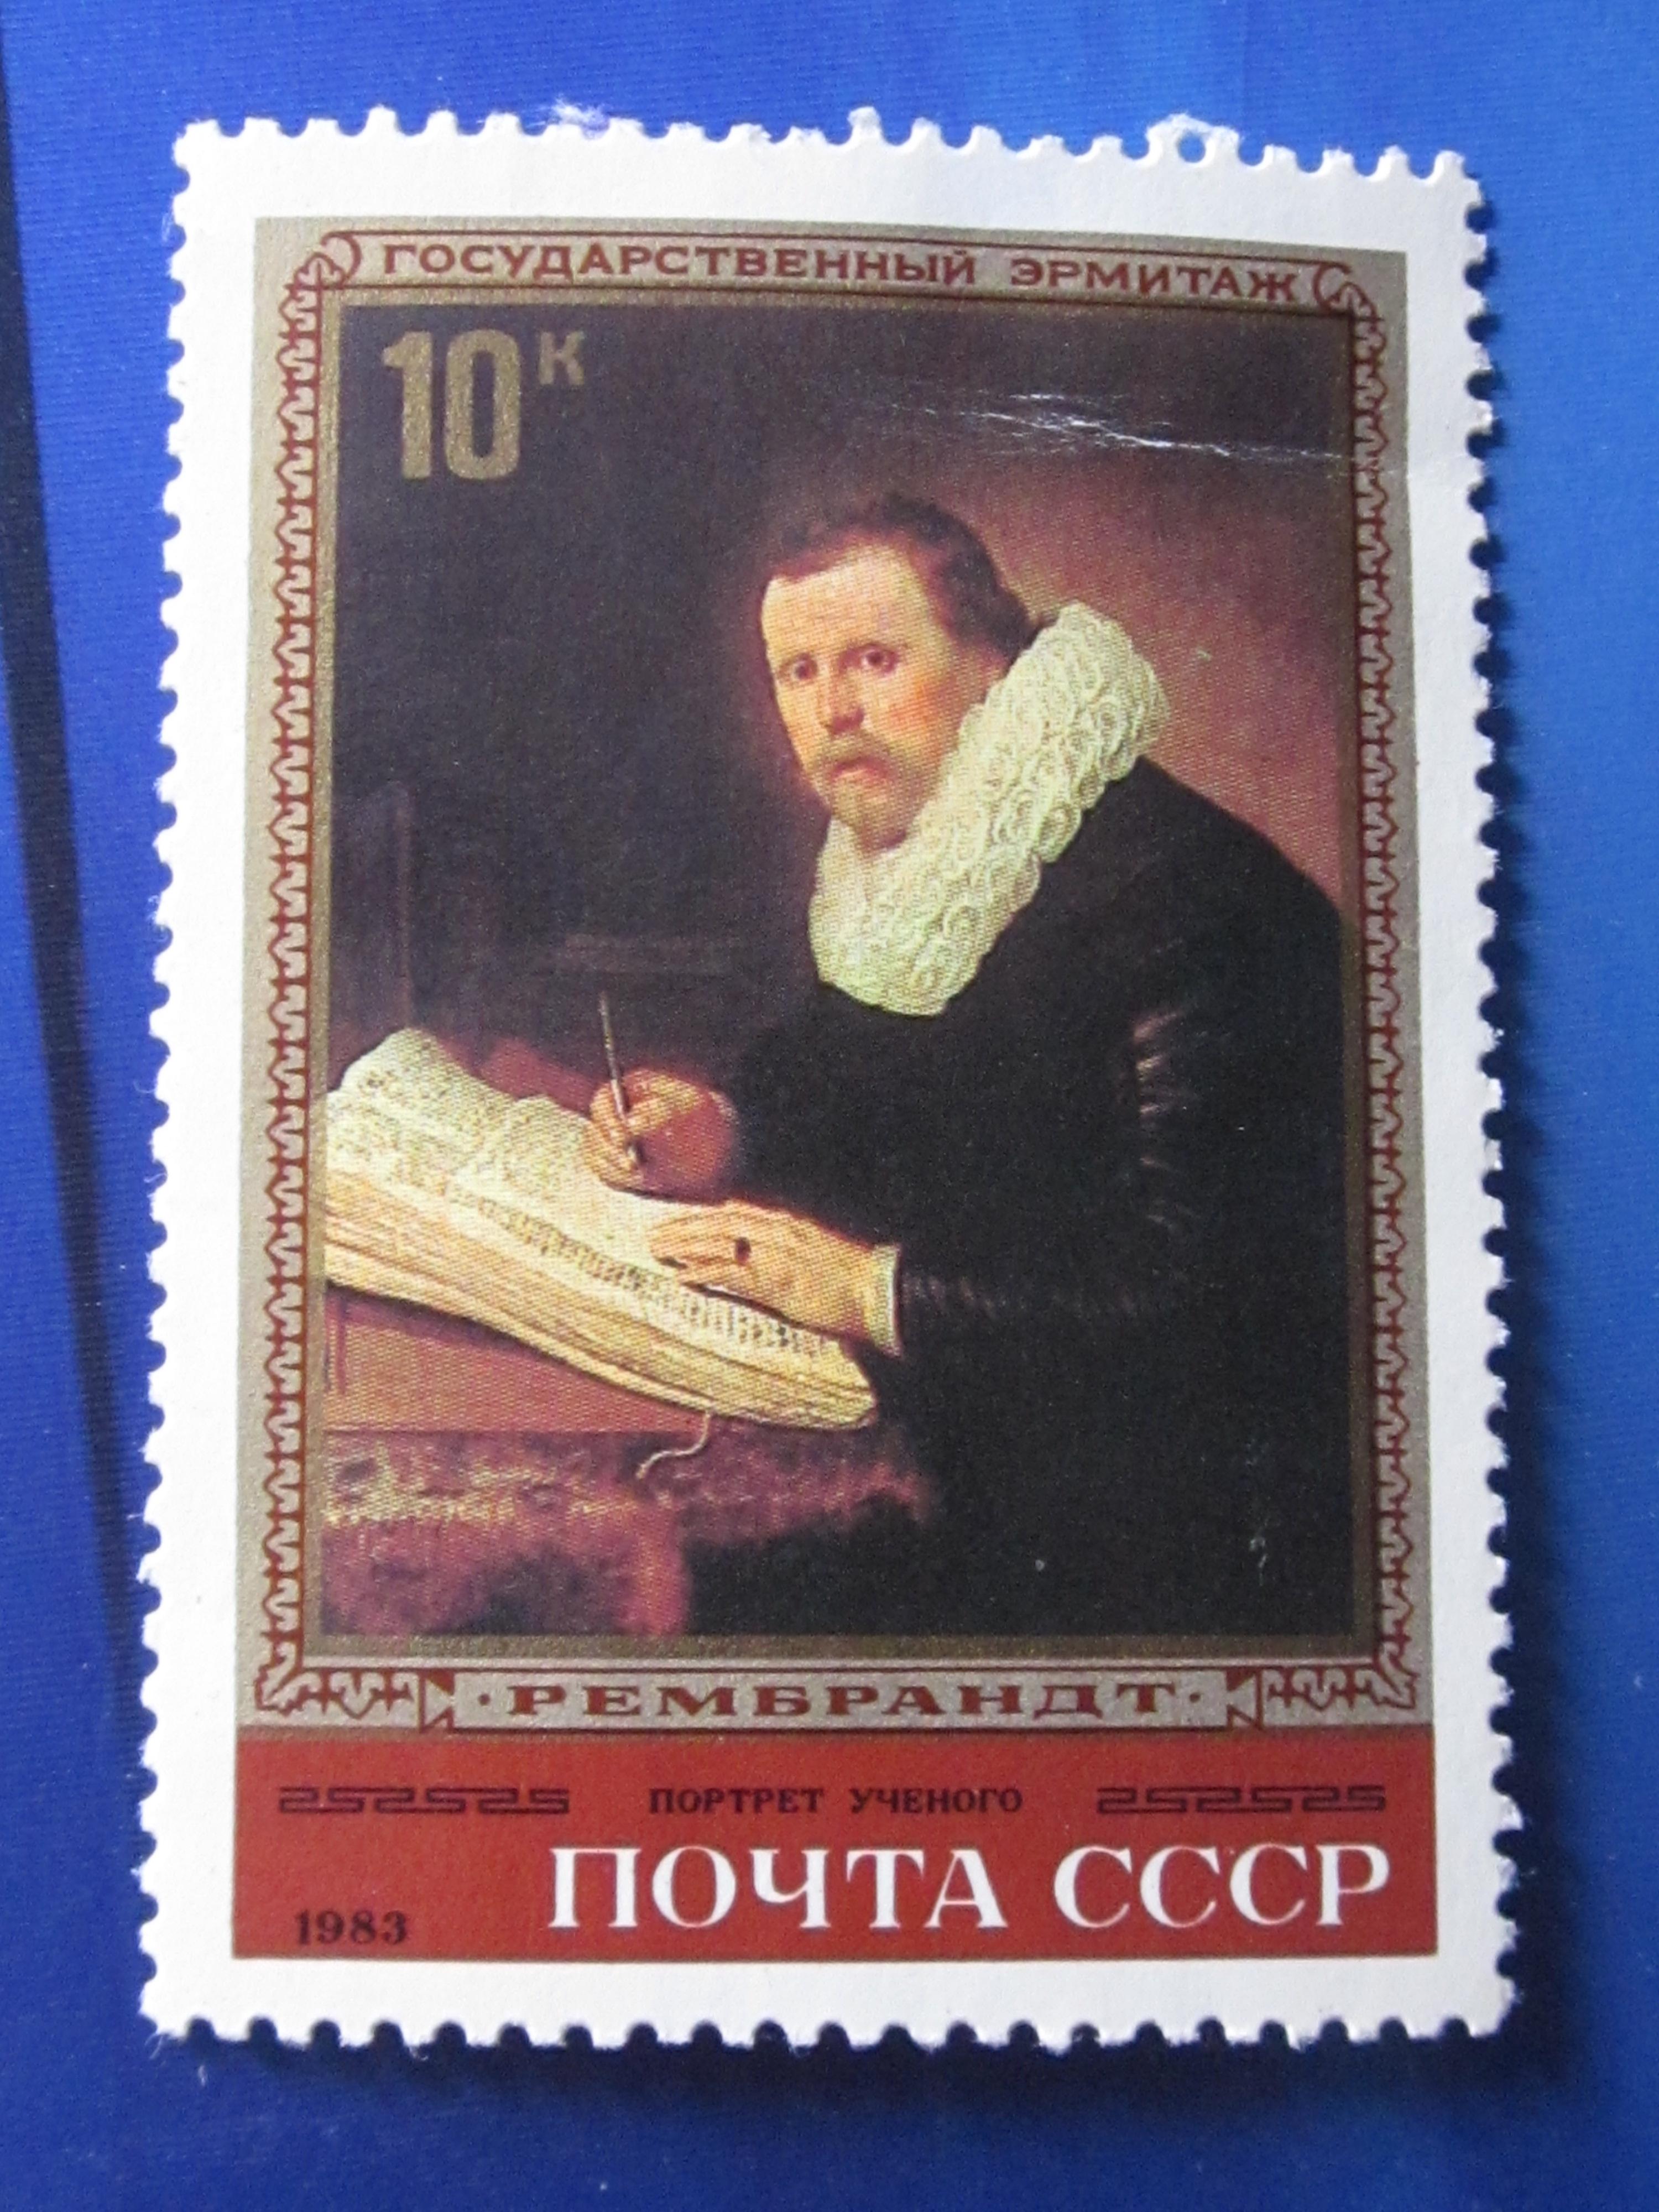 Каталог почтовые марки россии рембрандт фото время похорон